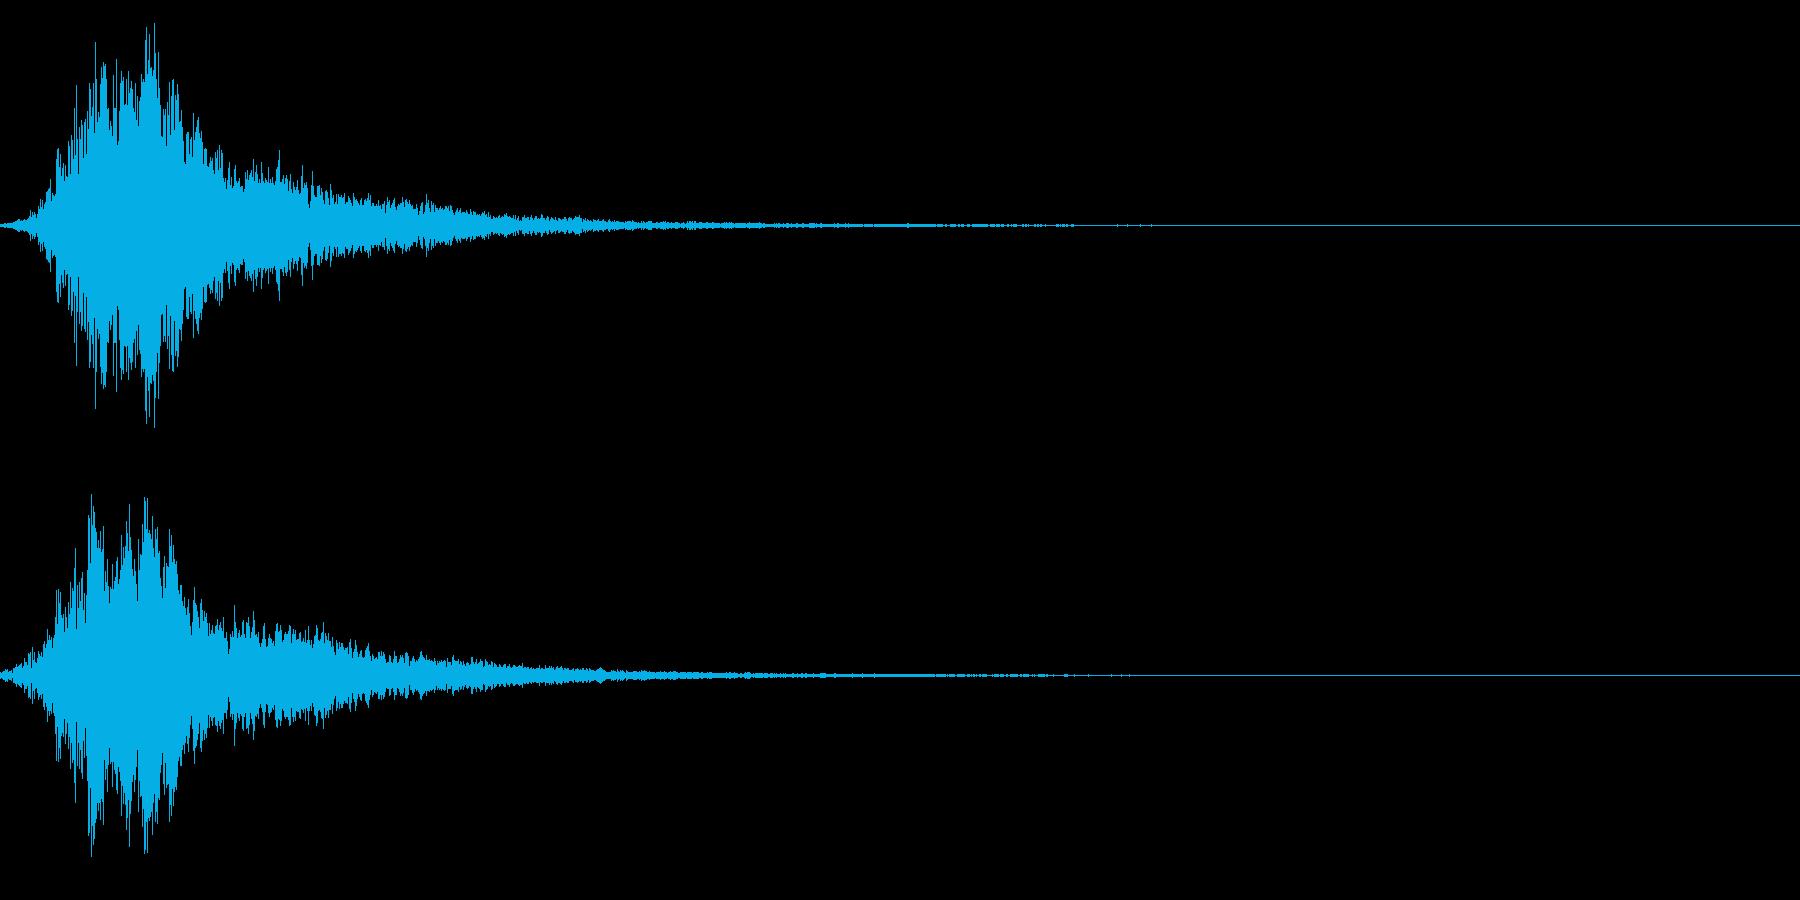 シャキーン!強烈なインパクトに最適!2cの再生済みの波形